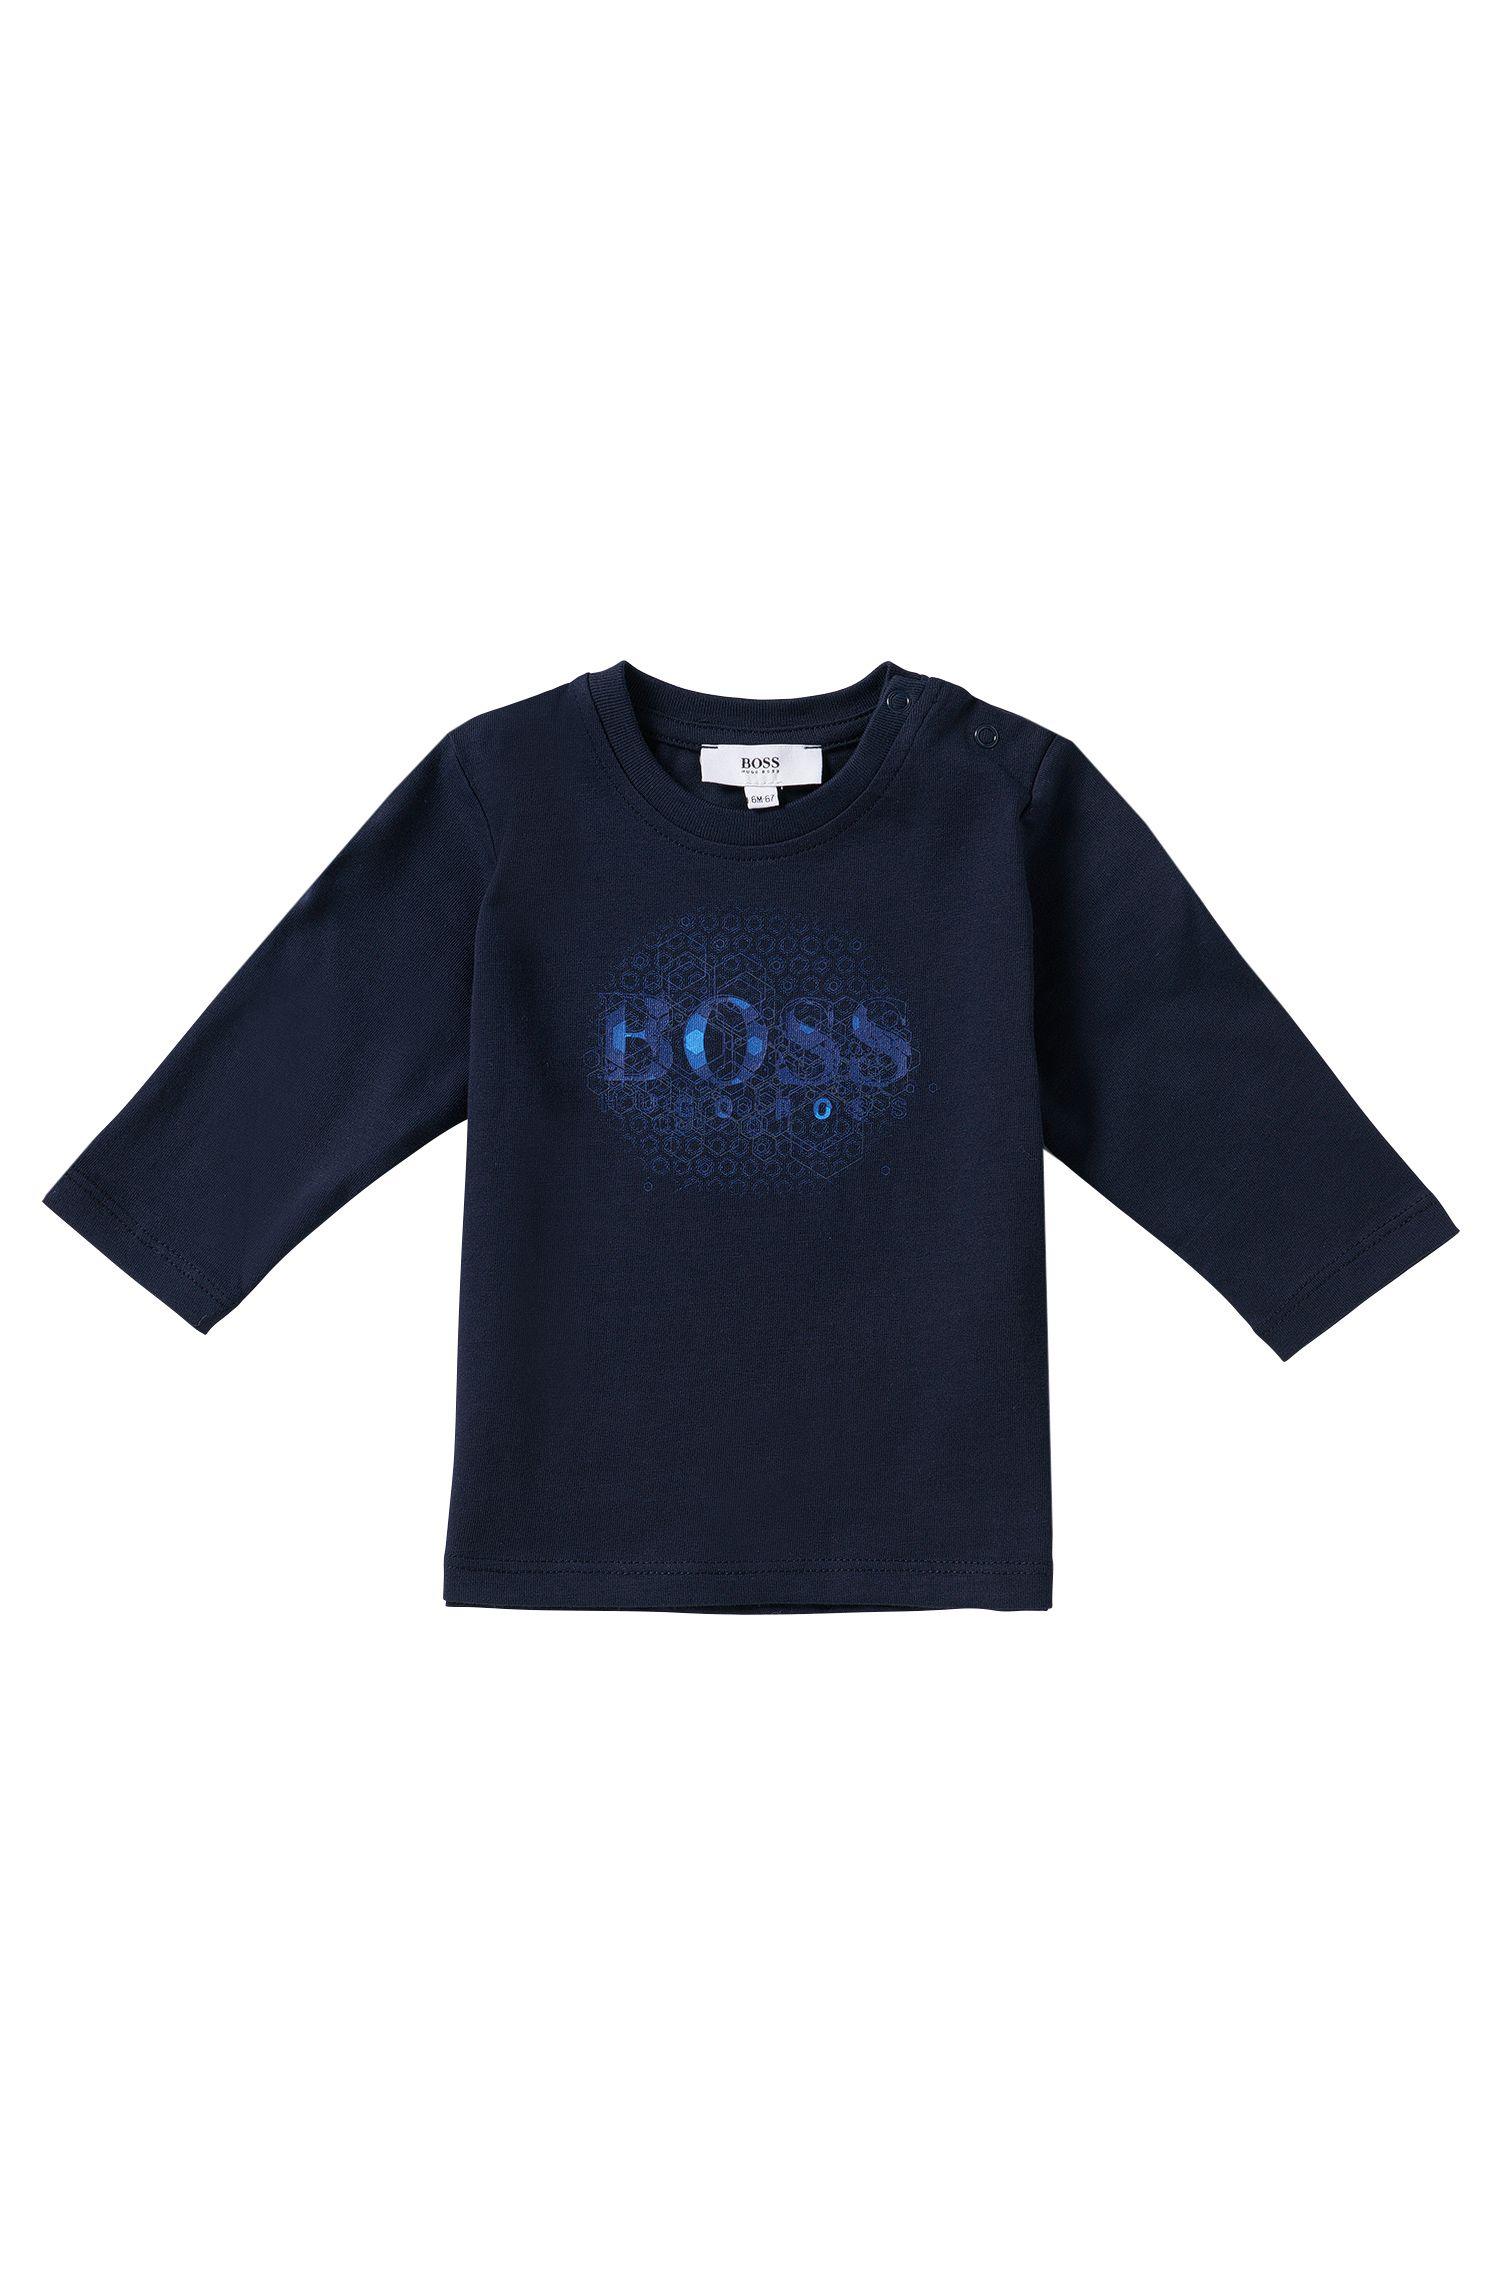 Kindershirt met lange mouwen van katoen: 'J143163'